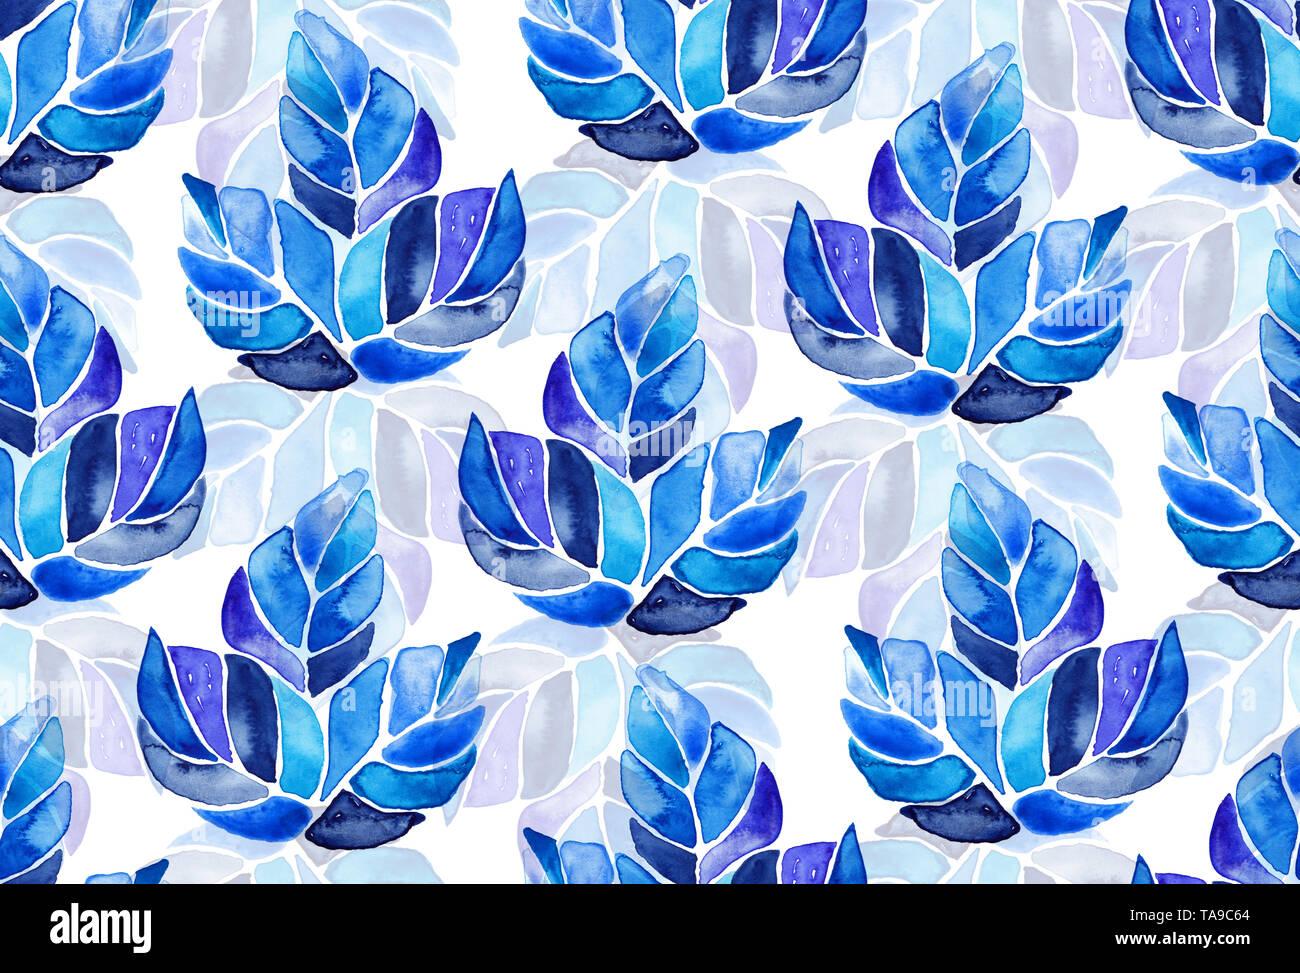 fd9d95192b8474 Nahtlose aquarell Muster Hintergrund Ahornblätter auf weißen, endlosen  künstlerischen textile ornament Botanische Illustration in Boho